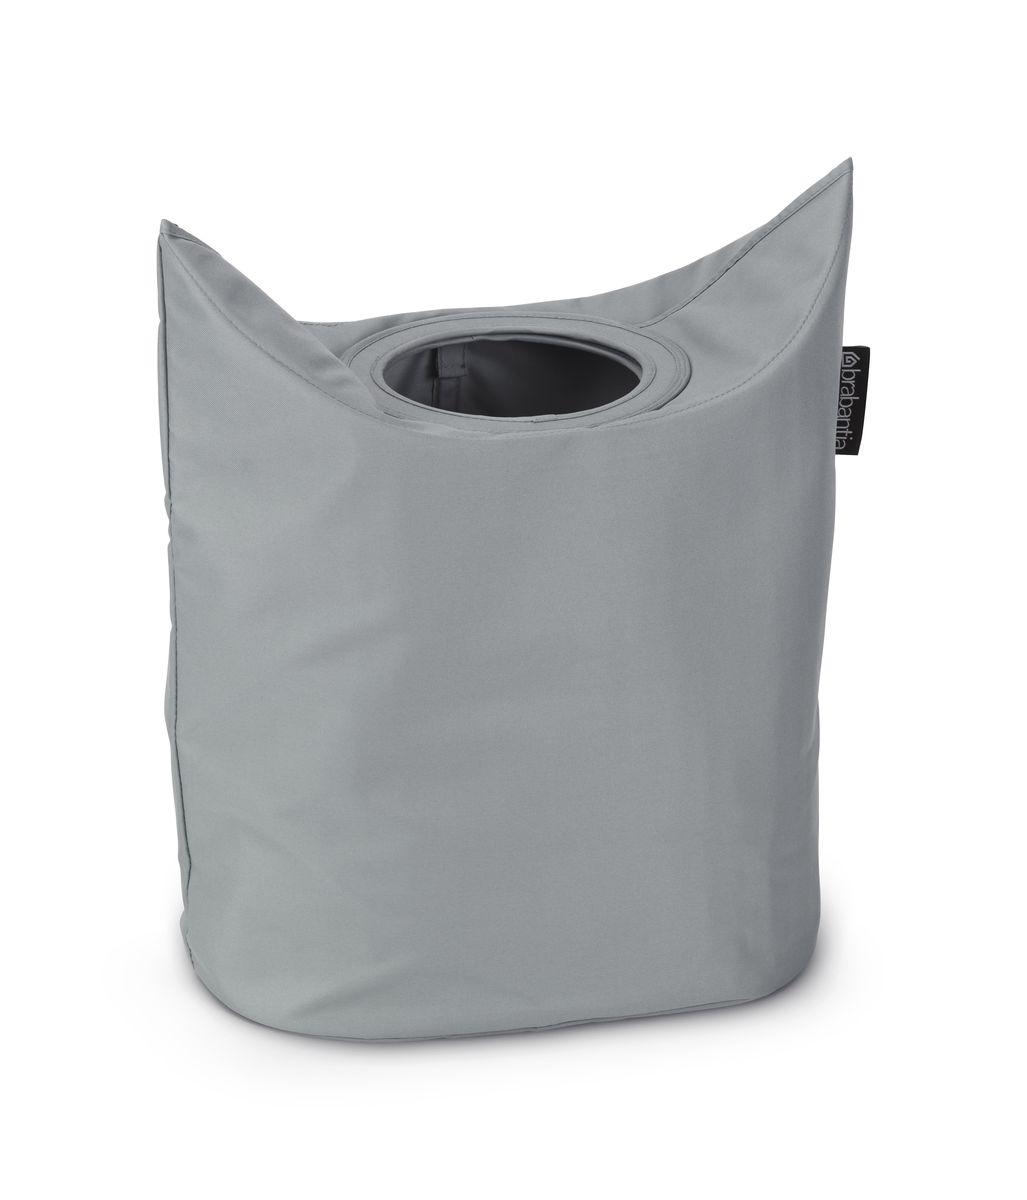 Сумка для белья Brabantia, цвет: серый. 102448RG-D31SОригинальная сумка для белья экономит место и превращает вашу стирку в увлекательное занятие. С помощью складывающихся магнитных ручек сумка закрывается и превращается в корзину для белья с загрузочным отверстием. Собрались стирать? Поднимите ручки, и ваша сумка готова к использованию. Загрузочное отверстие для быстрой загрузки белья – просто сложите магнитные ручки; Большие удобные ручки для переноски; Удобно загружать белье в стиральную машину – большая вместимость и широкое отверстие; 2 года гарантии Brabantia.